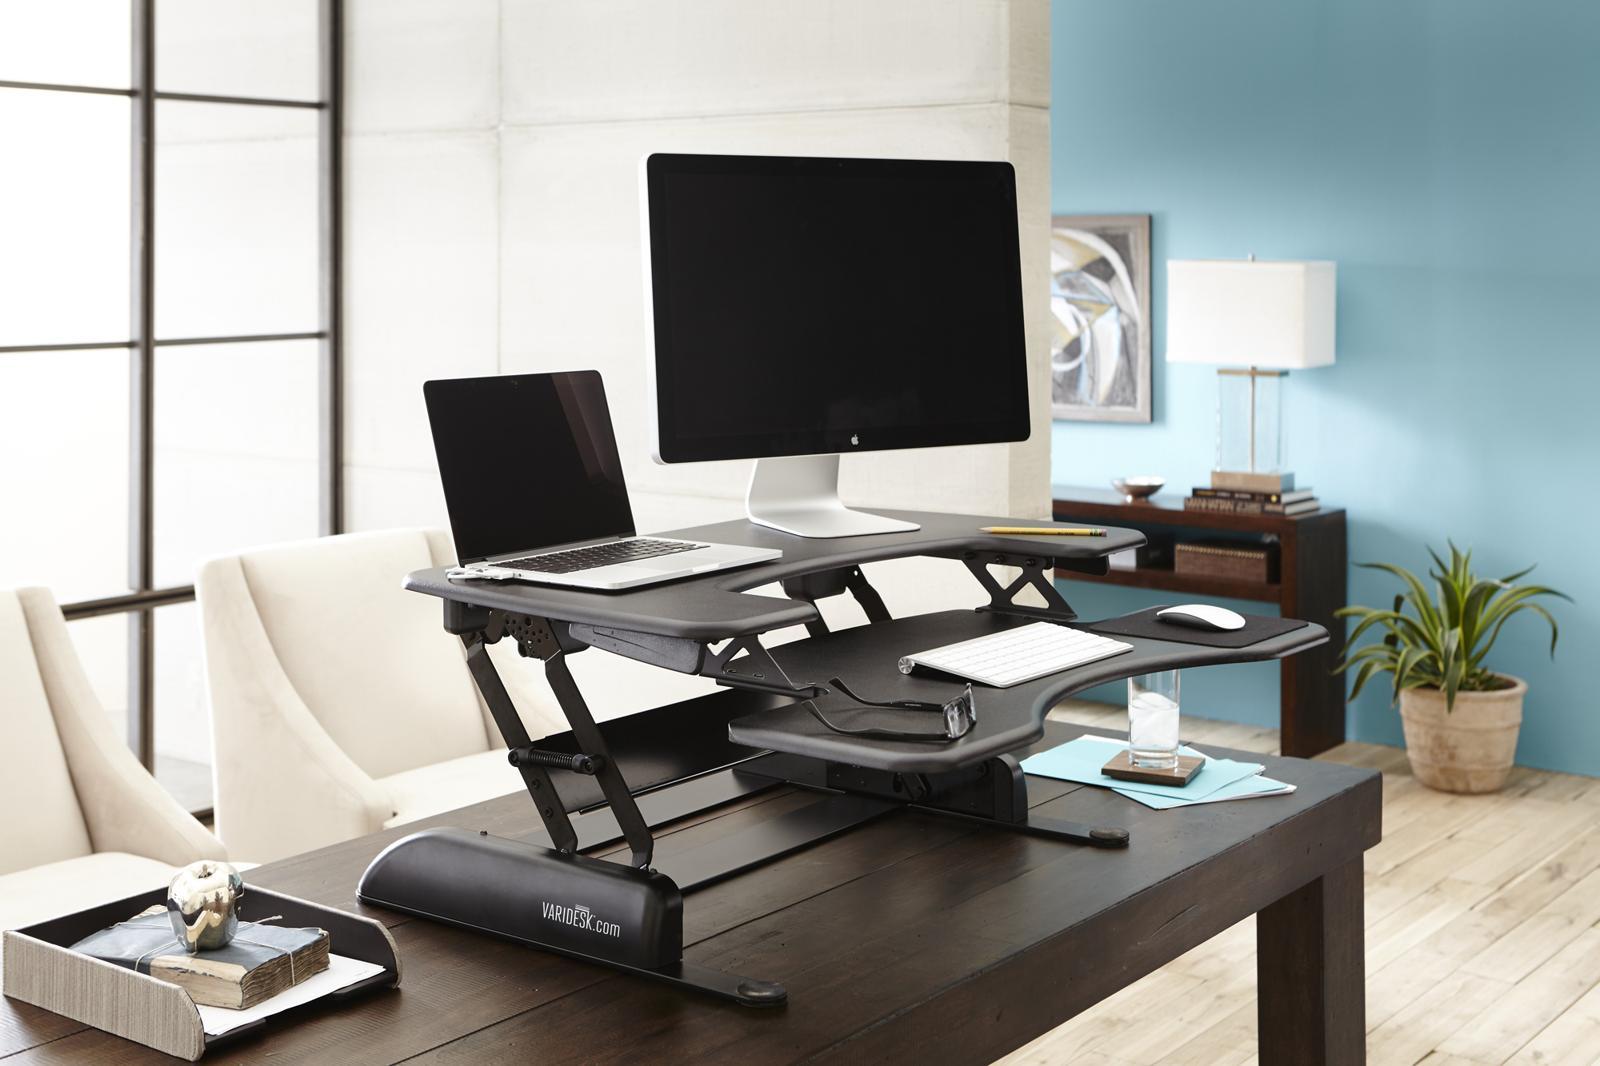 Bürostühle Test ist genial ideen für ihr haus ideen